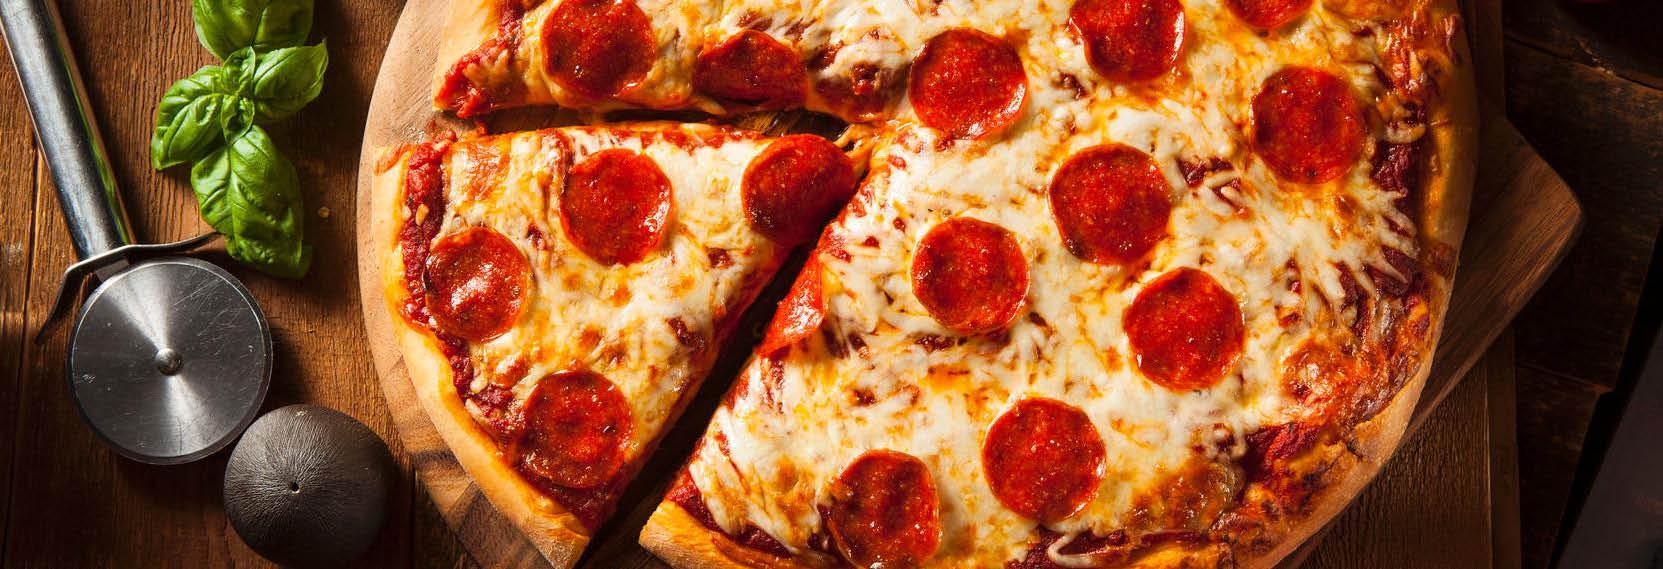 sorrento of arbutus pizza photo